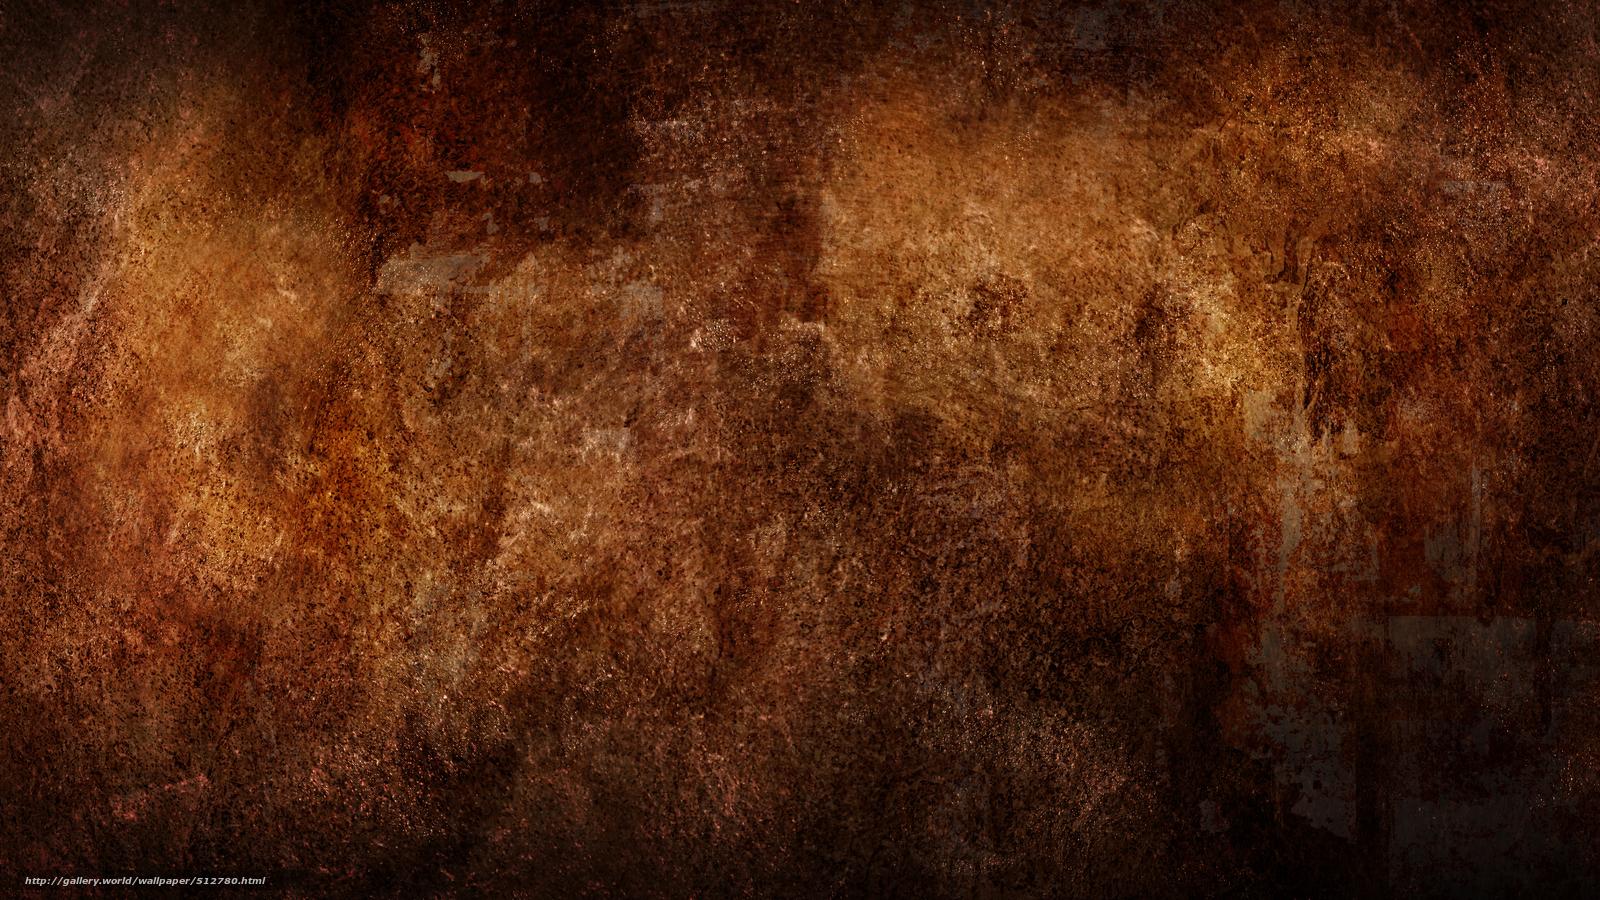 Tapete Metall, Textur, Rost №512780 / Abschnitt: Patterns ...